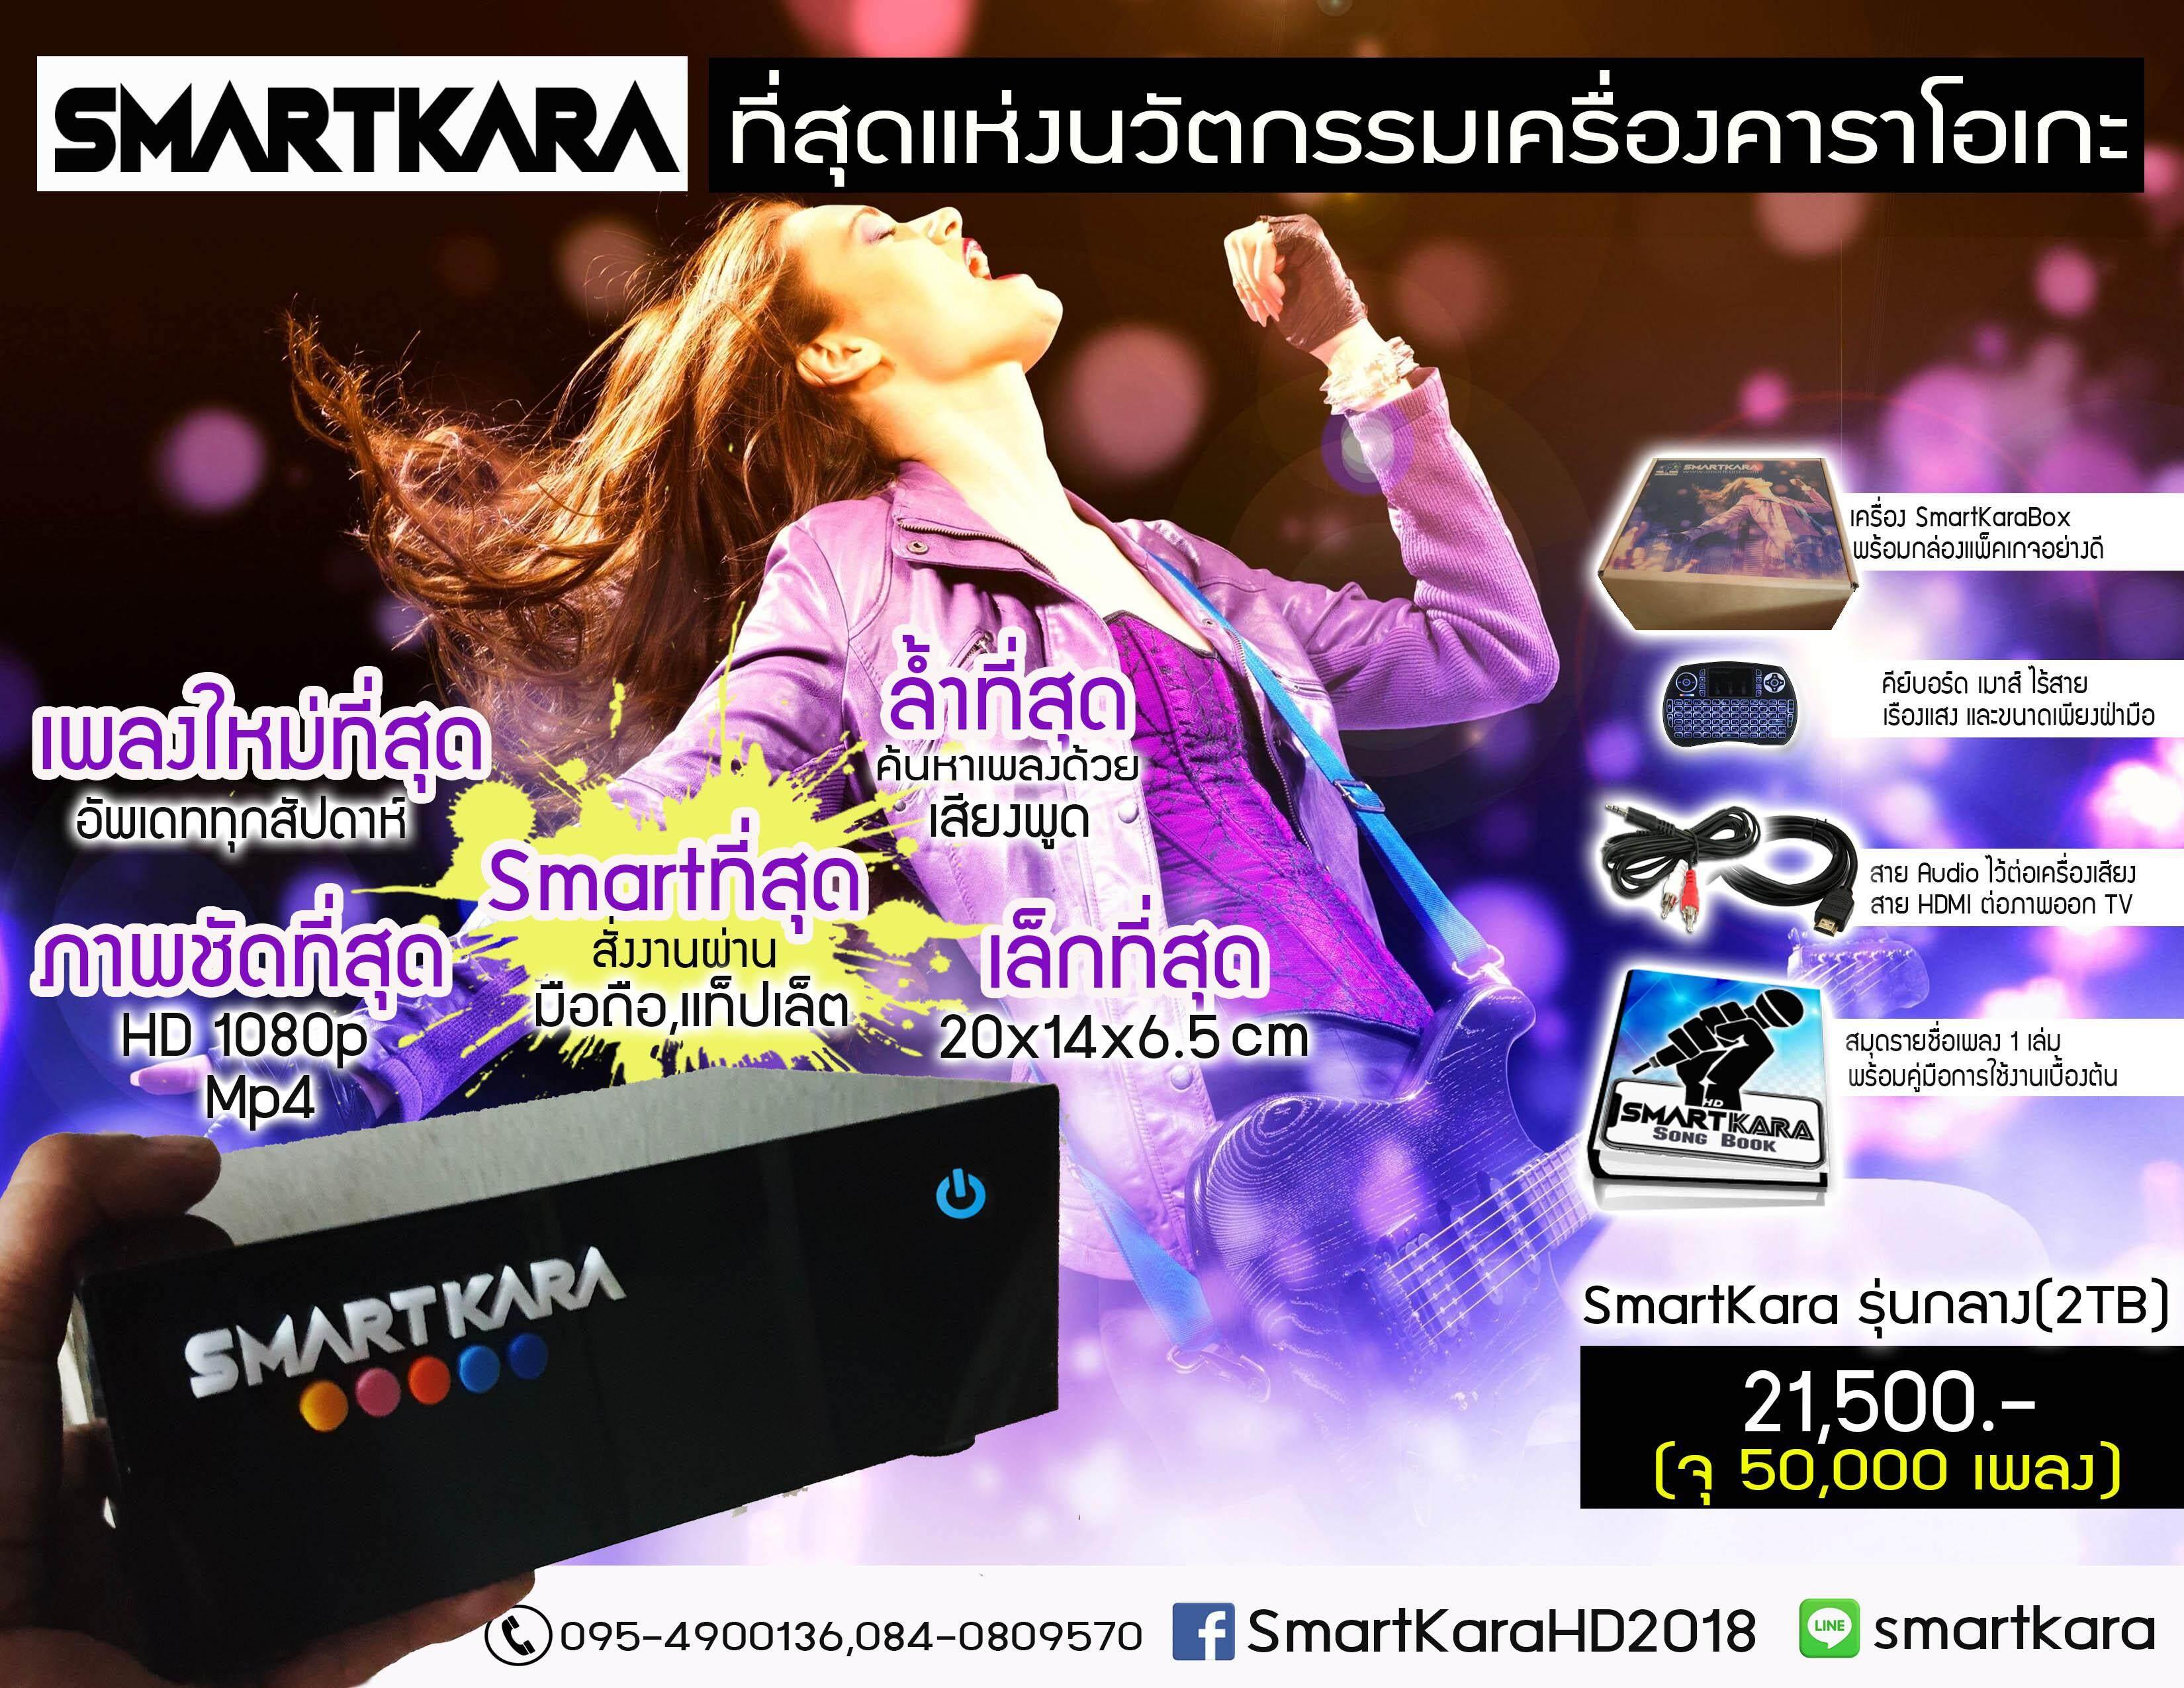 เครื่องคาราโอเกะ เครื่องเล่นคาราโอเกะ Smartkara Karaoke สมาร์คคารา คาราโอเกะ By Smartkara.